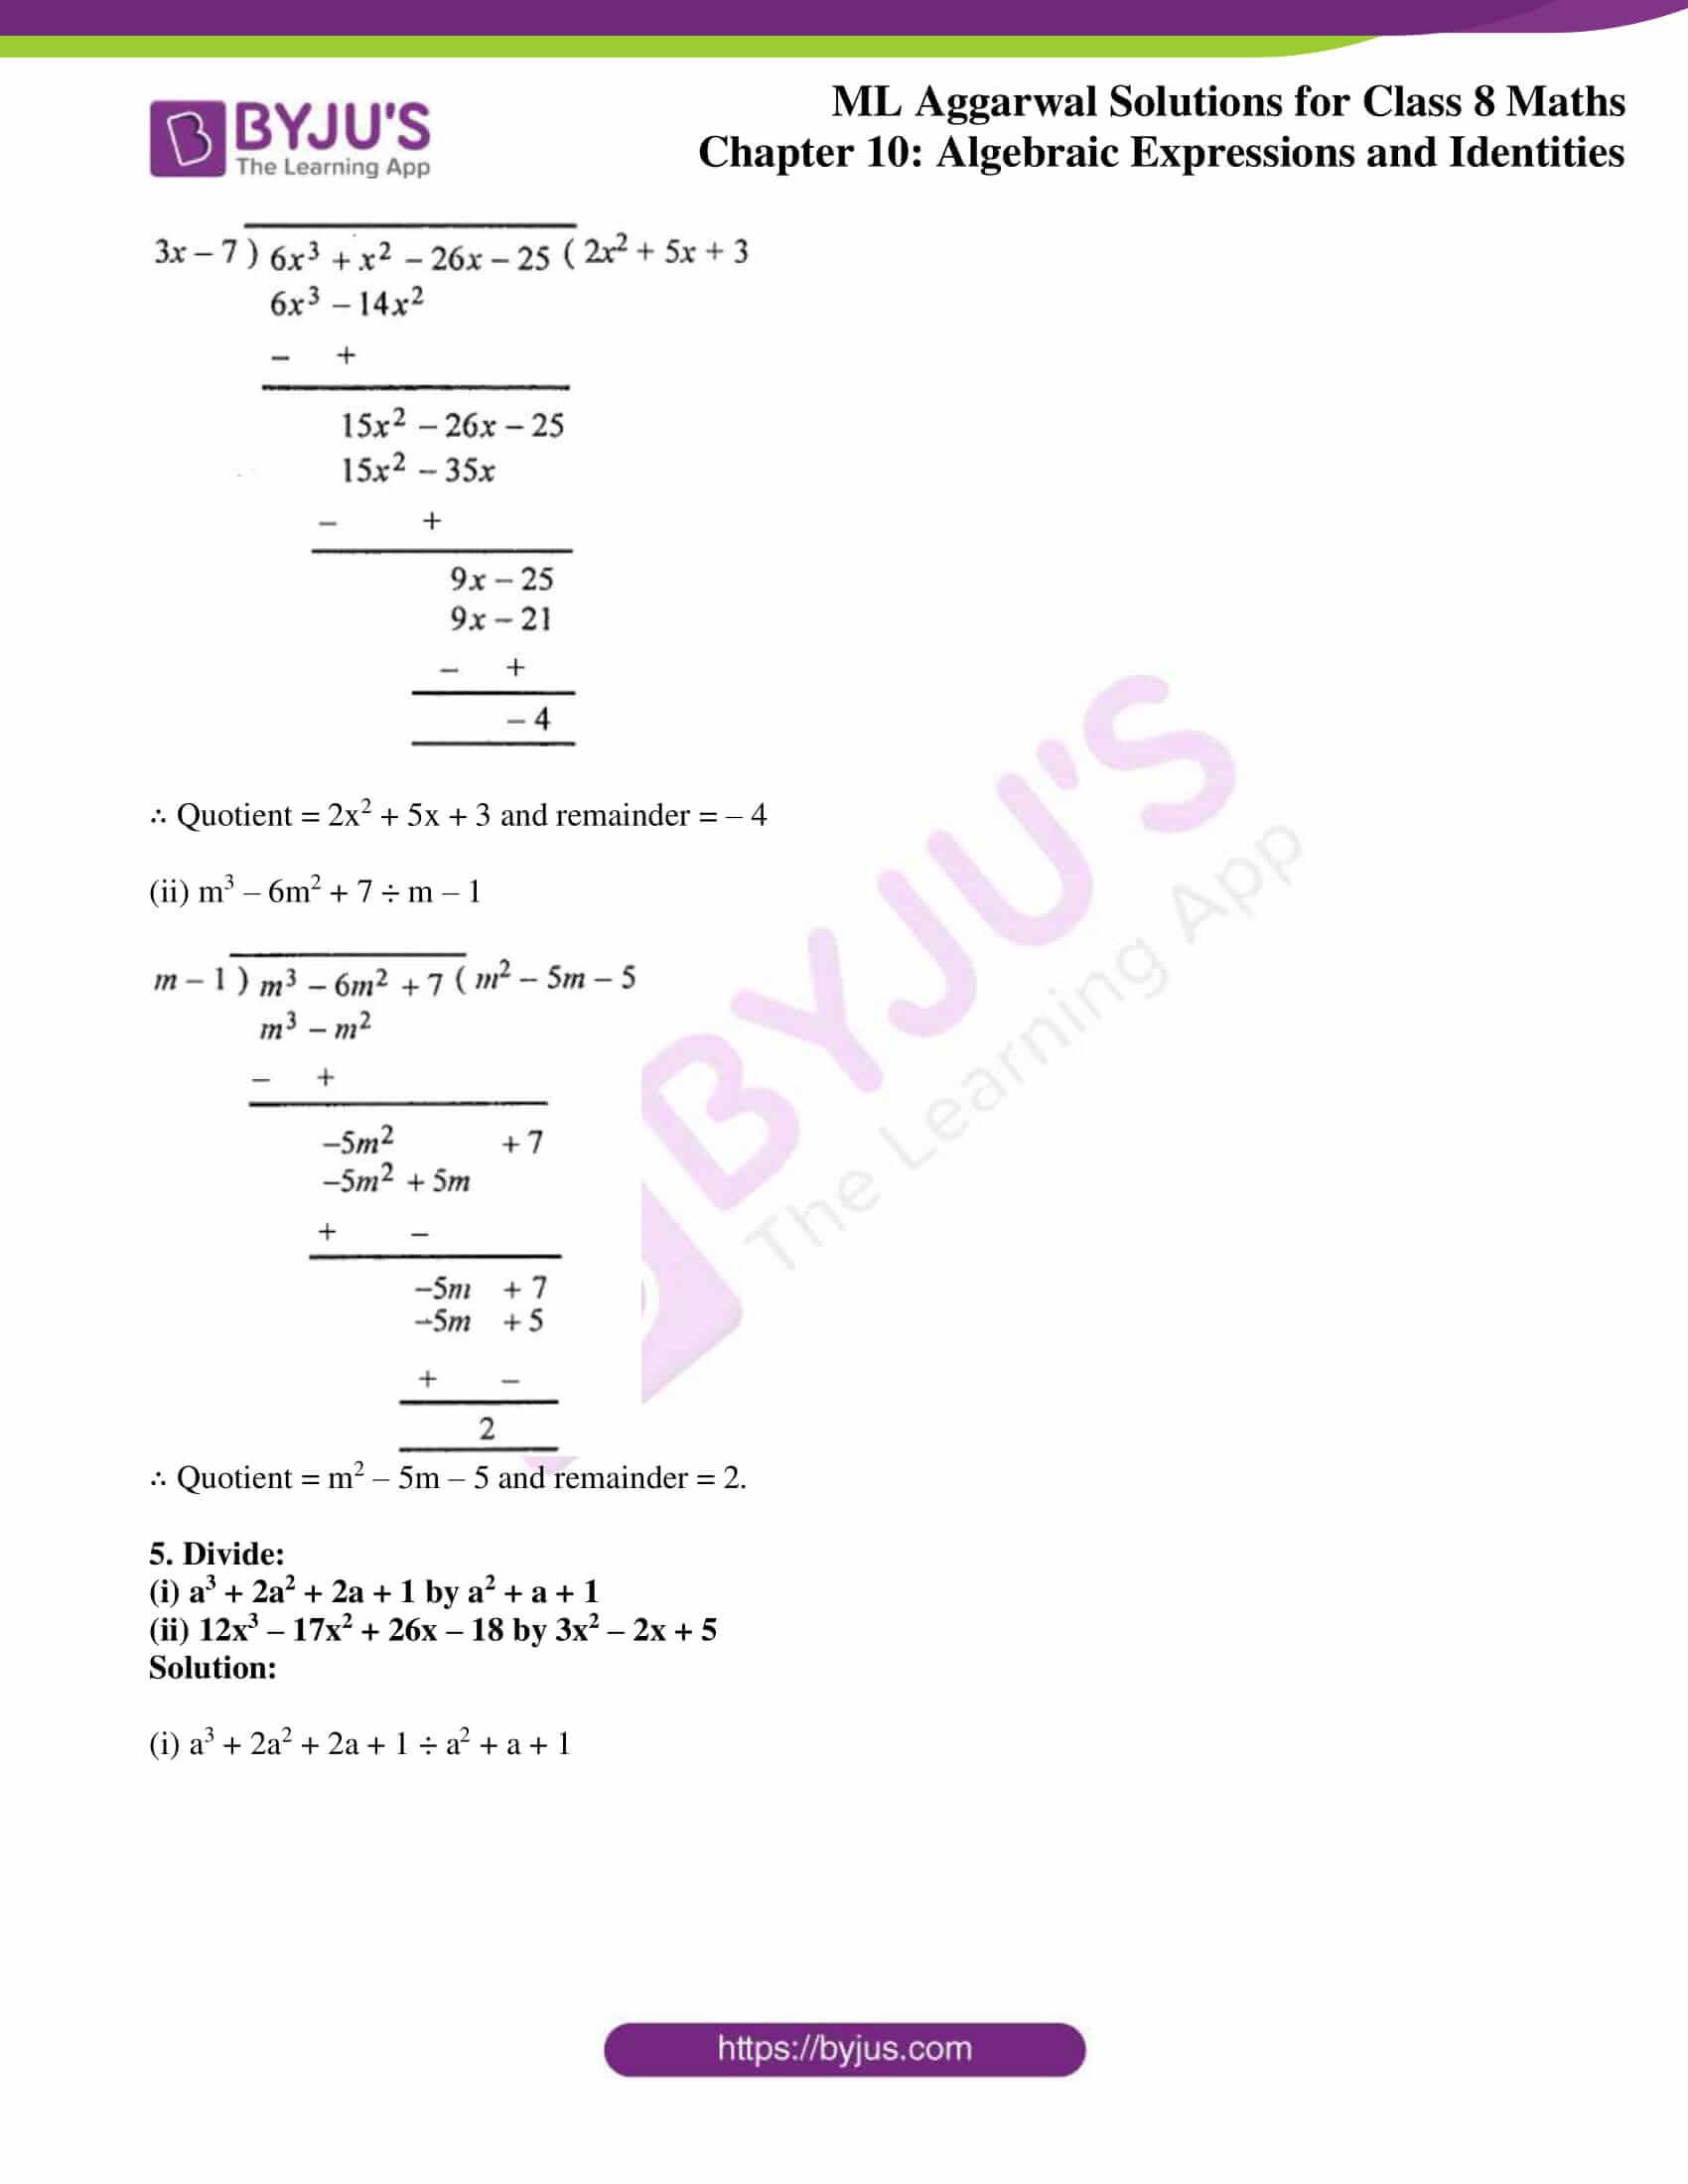 ml aggarwal sol mathematics class 8 ch 10 16